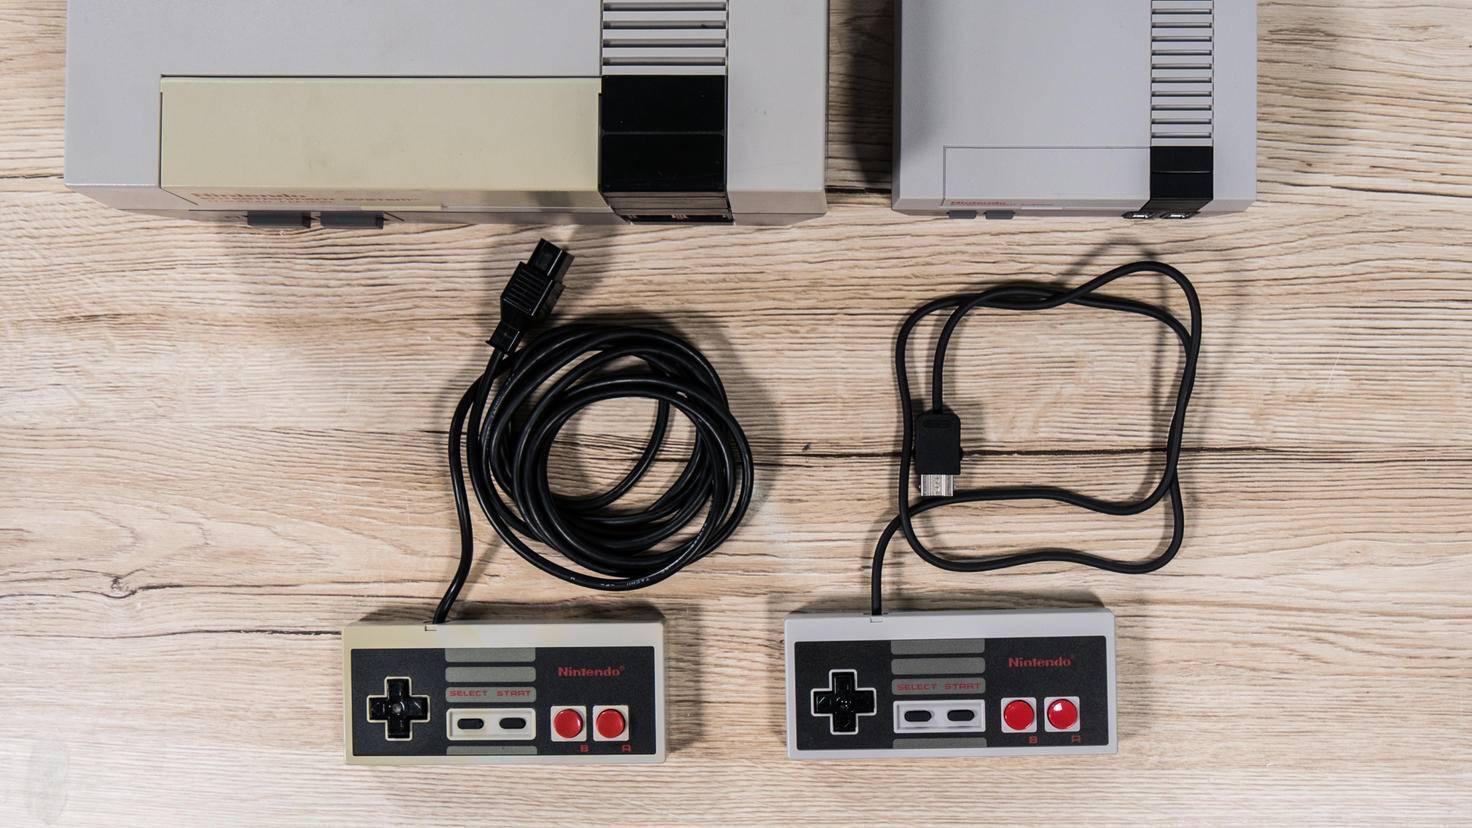 Heute nur noch bei Retro-Konsolen wie dem NES Classic Mini (rechts) vorstellbar: Kabel am Controller!